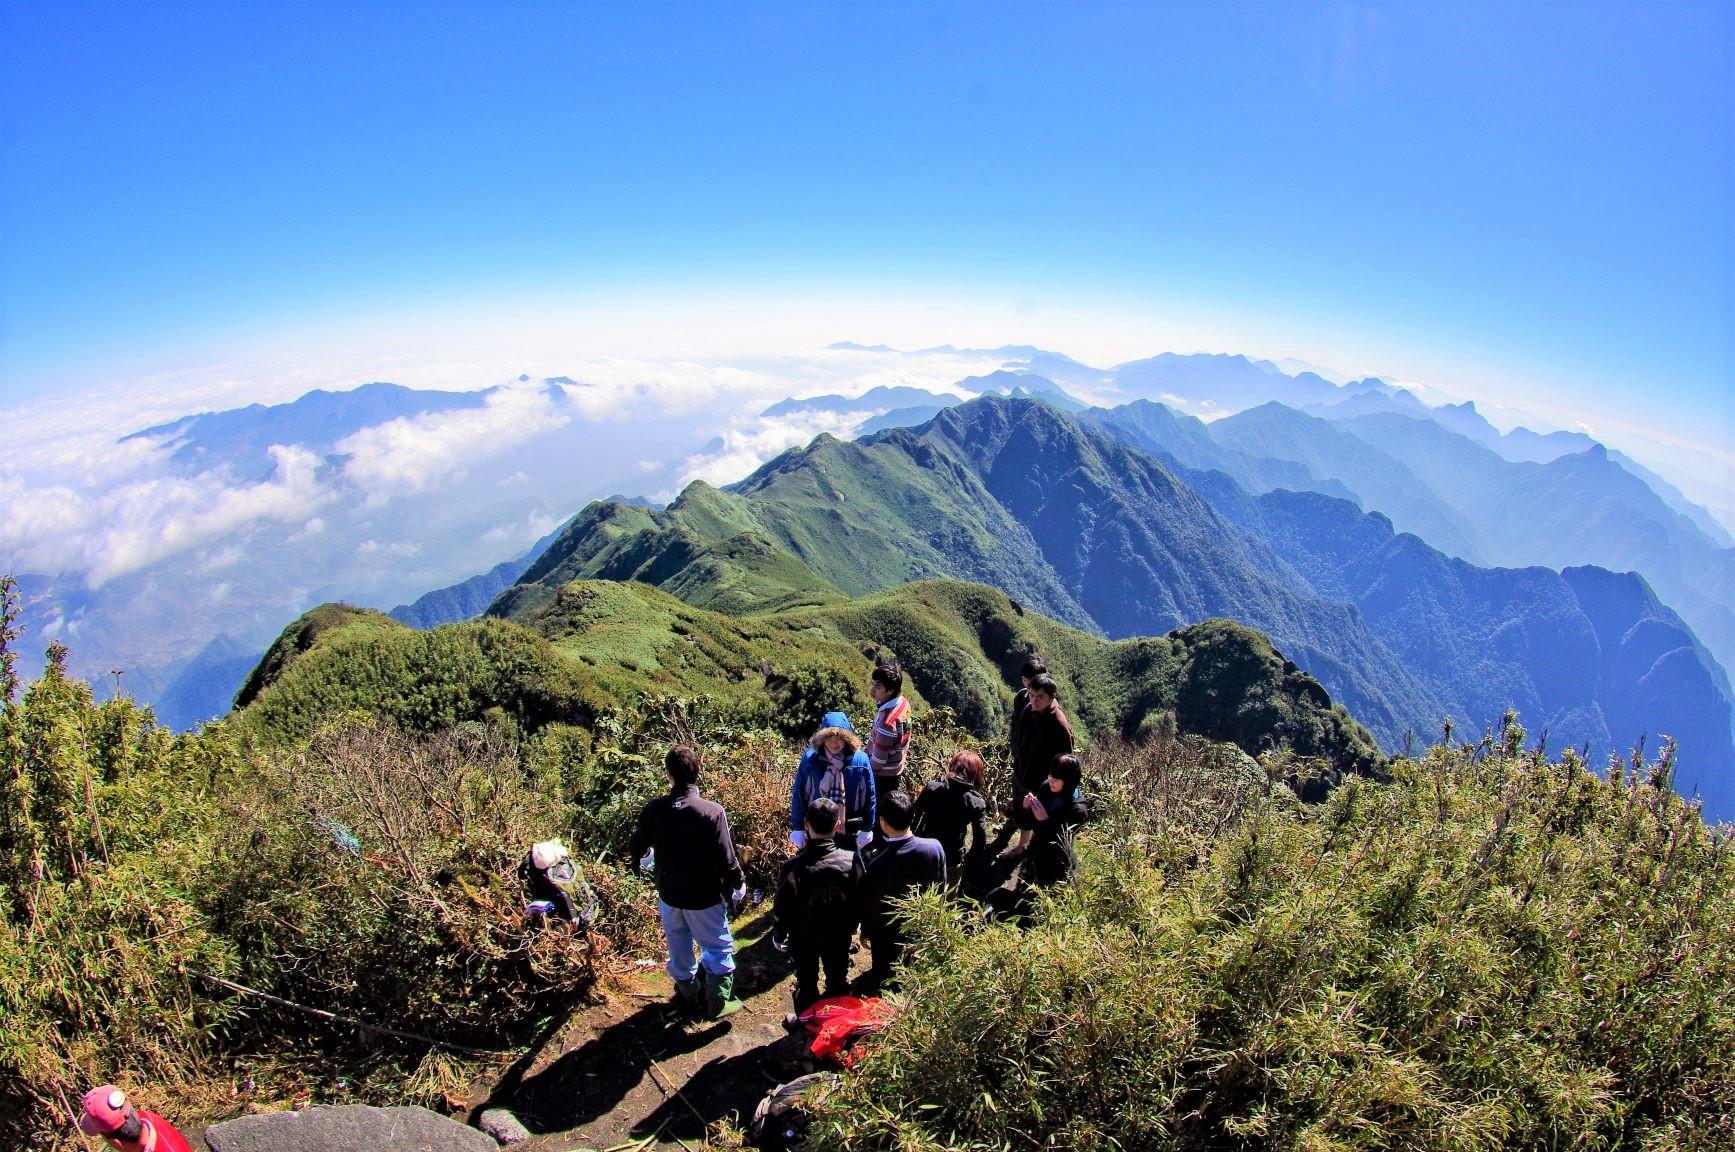 ファンシーパン山頂からの大展望(4日目)